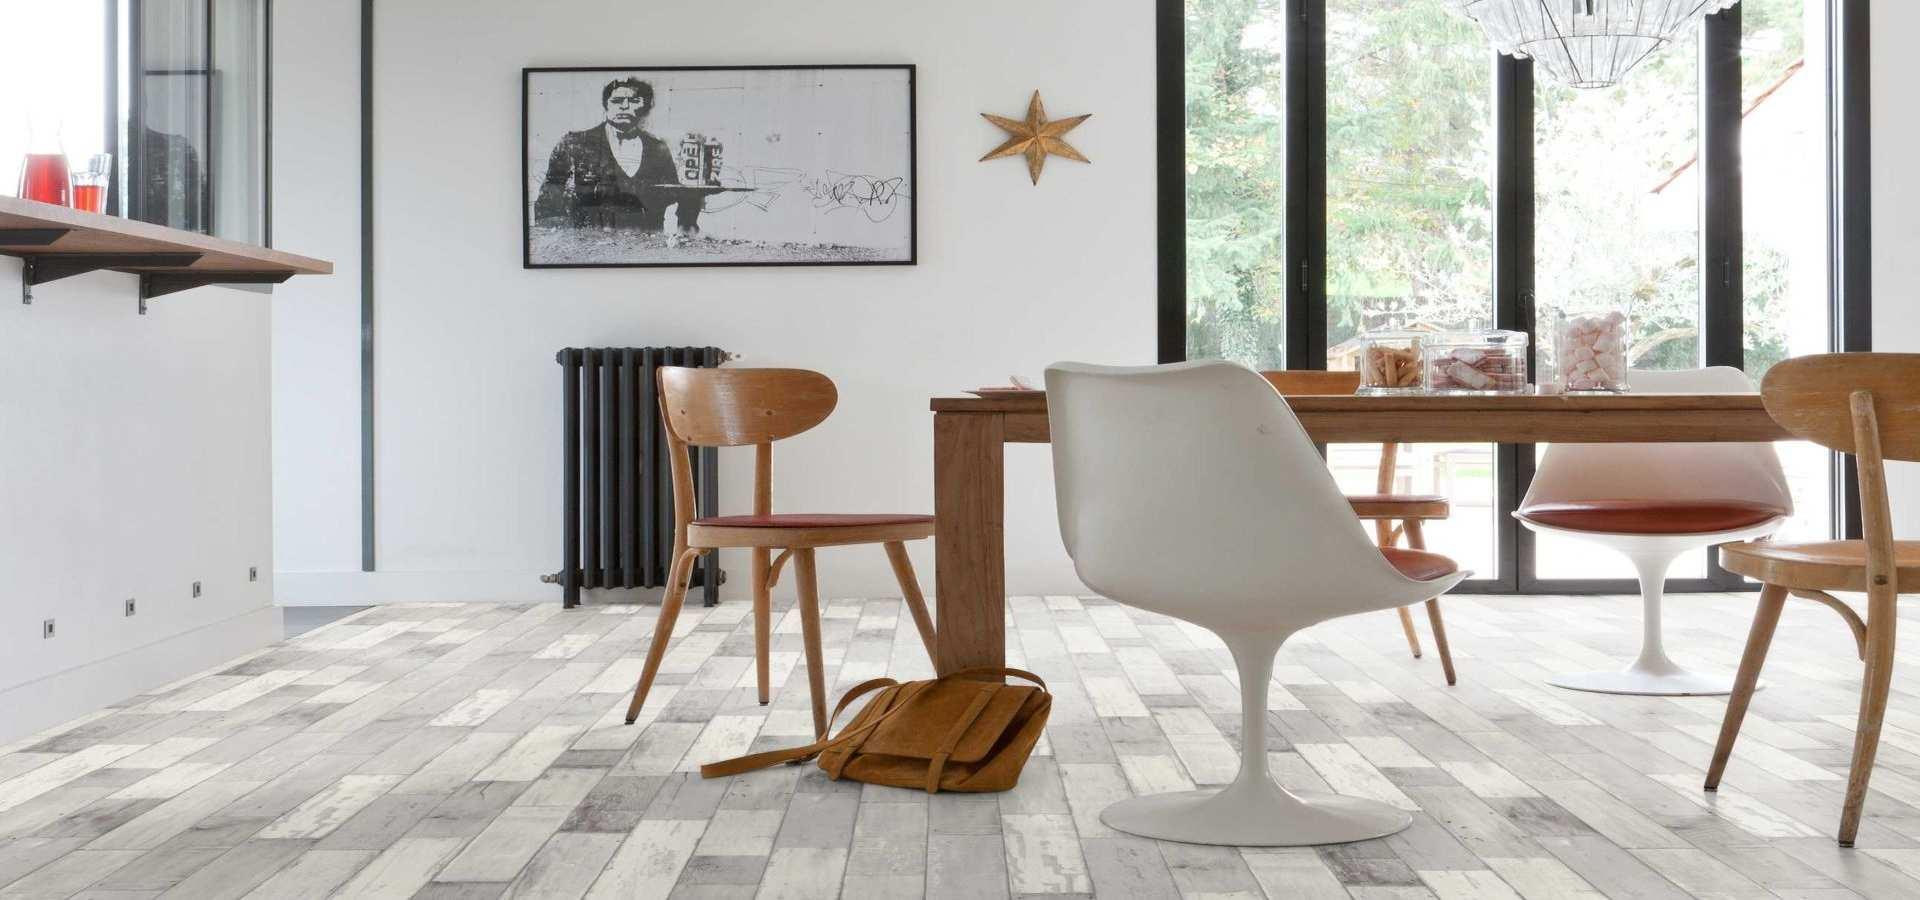 Bild Wohnen CV Boden helle Holzplankenoptik weiß washed